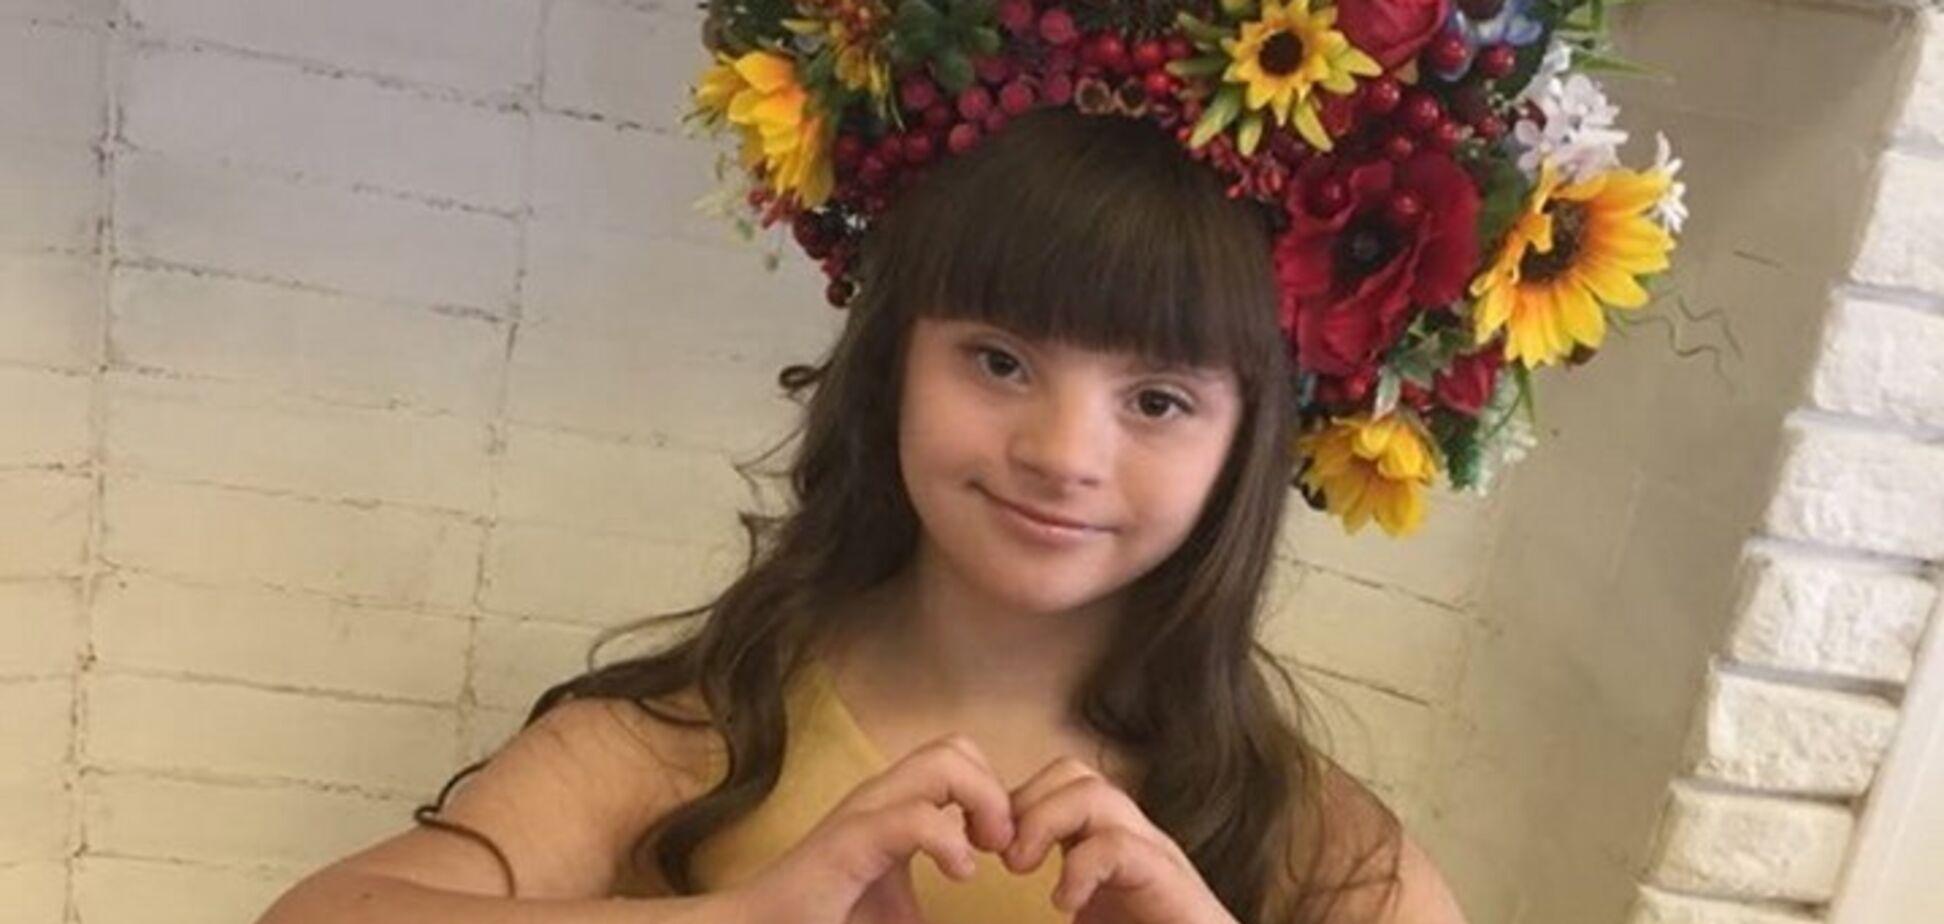 Українка з синдромом Дауна перемогла в престижному конкурсі краси: фото